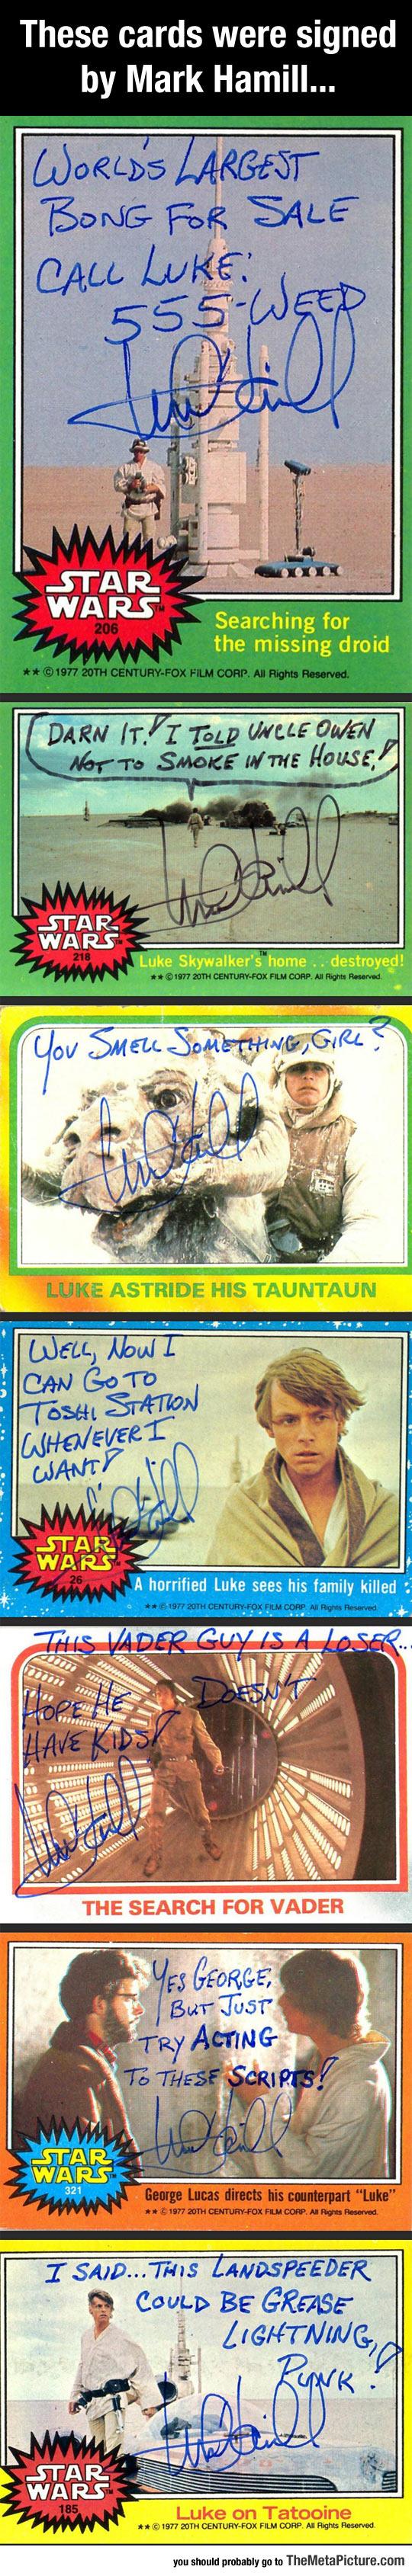 funny-Mark-Hamill-signed-cards